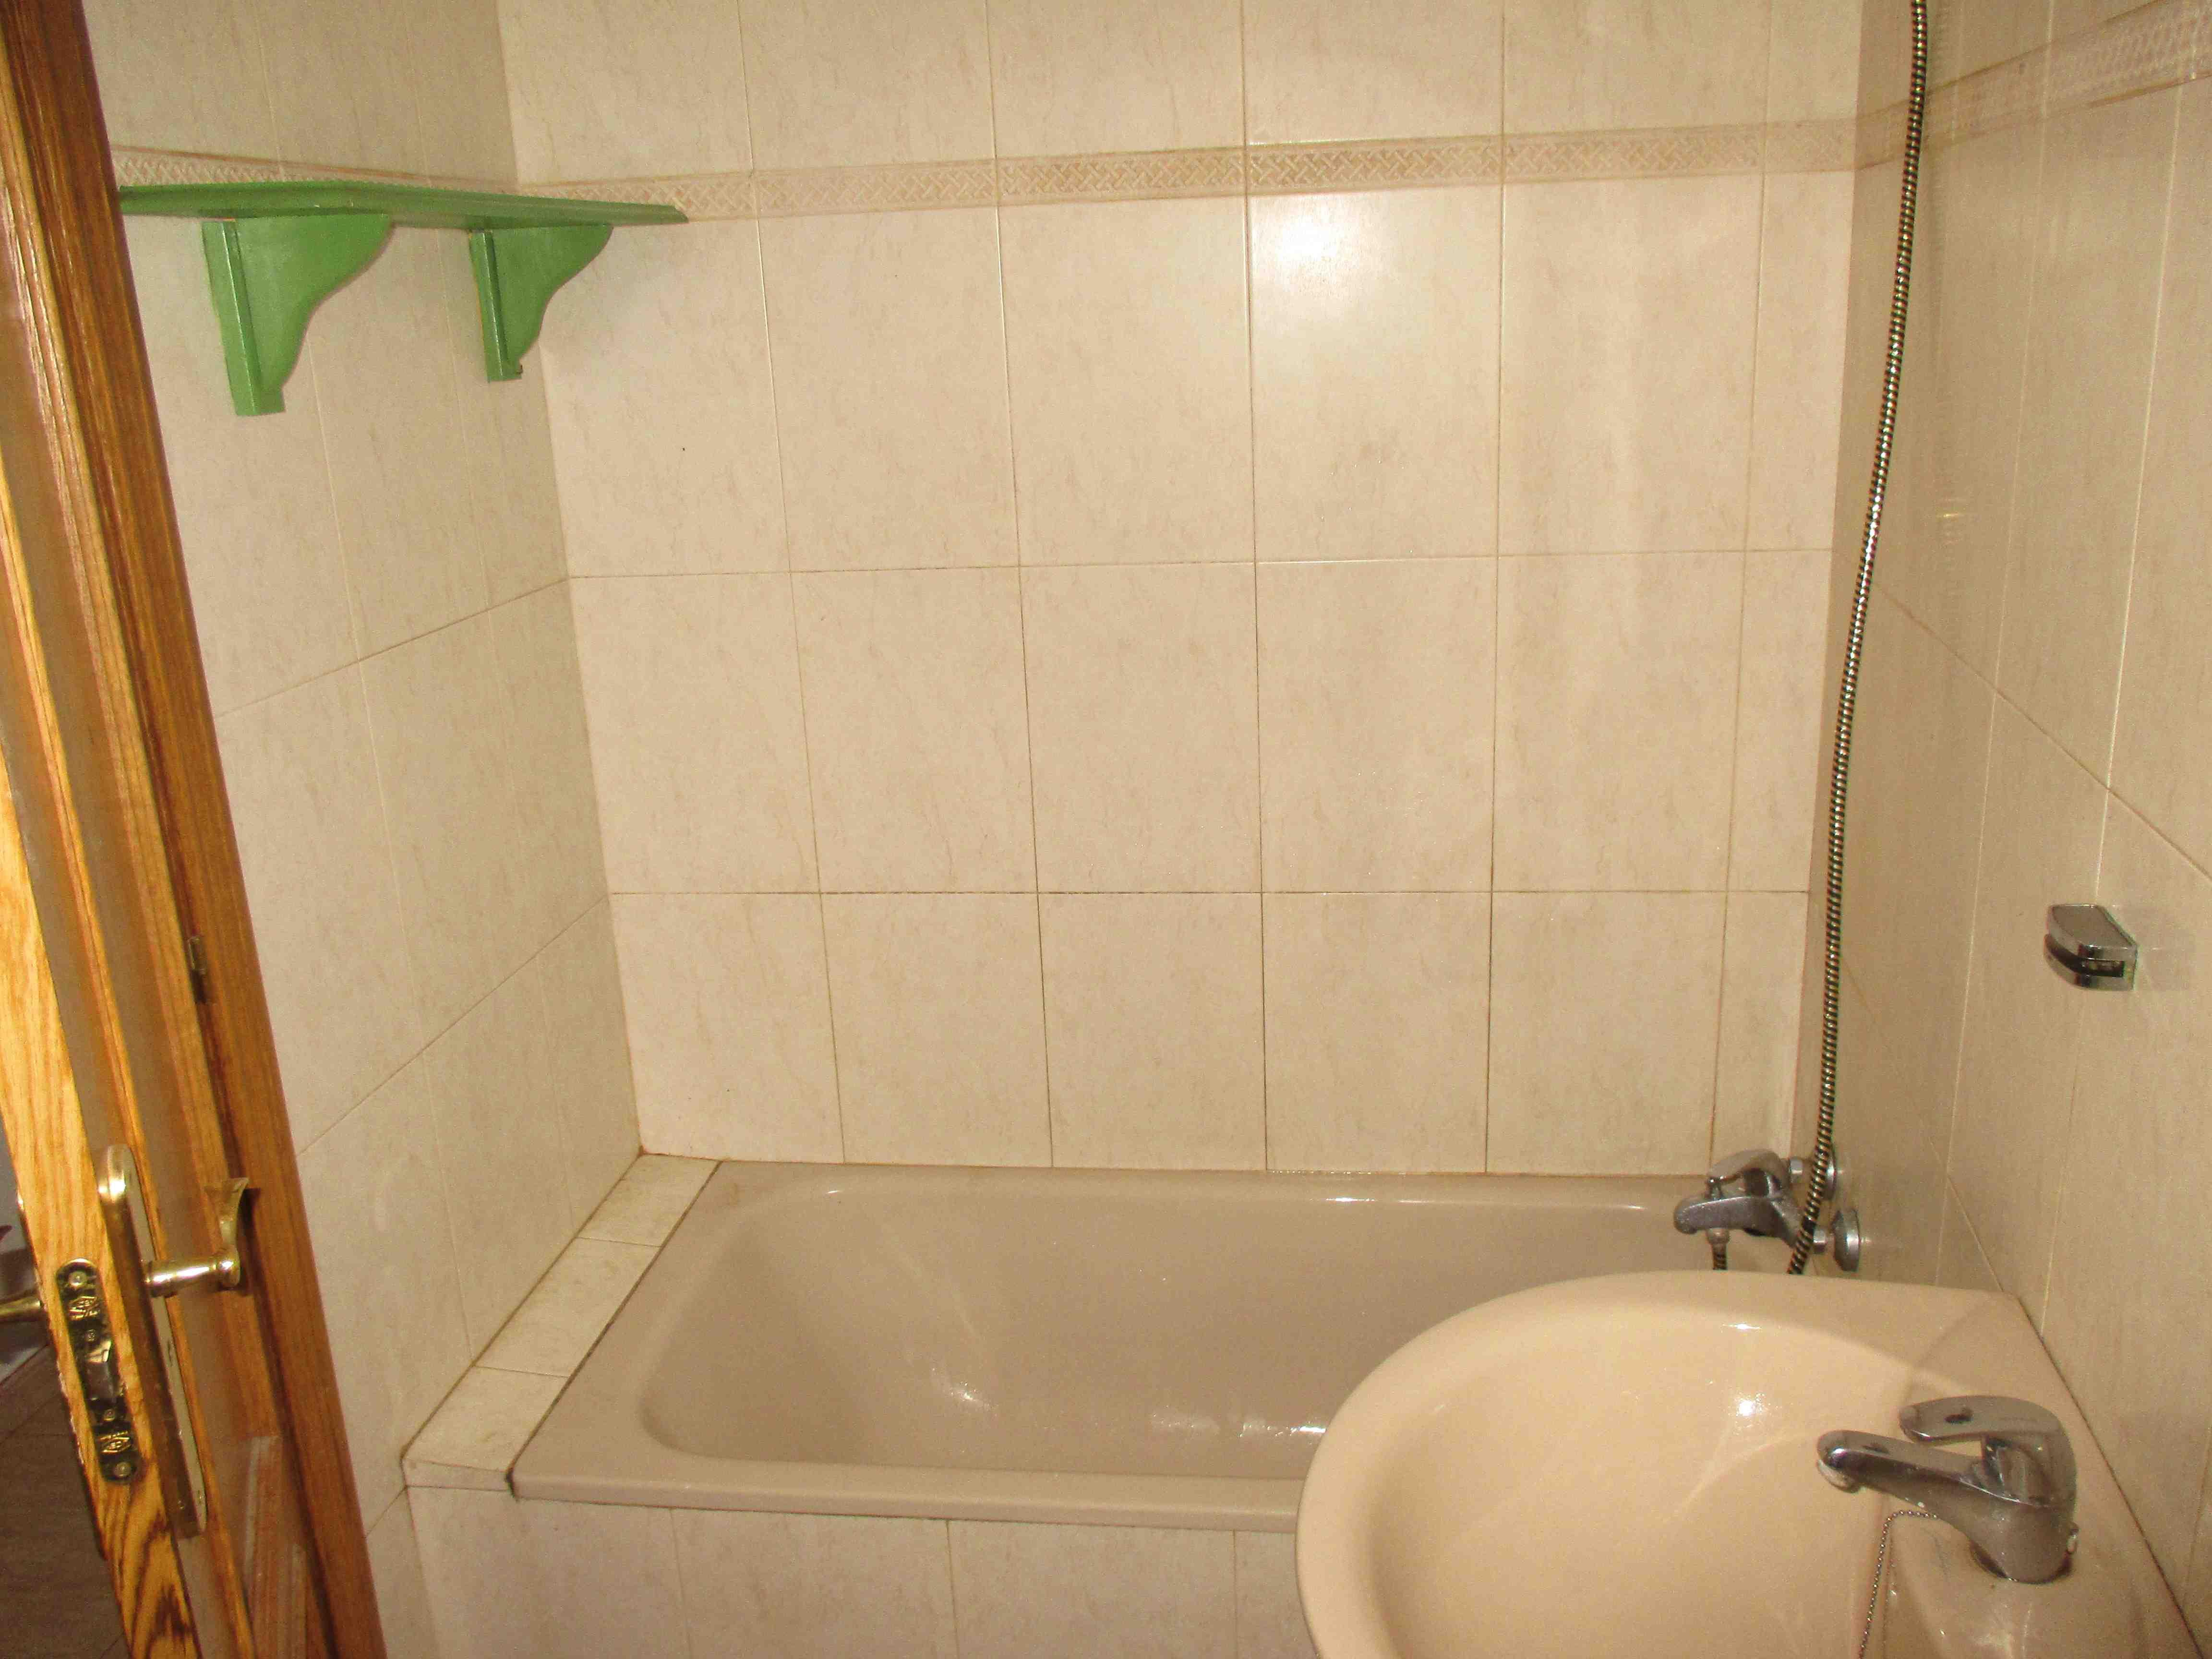 Piso en venta en Calatayud, Zaragoza, Calle Trinquete Bajo, 69.700 €, 3 habitaciones, 2 baños, 90 m2